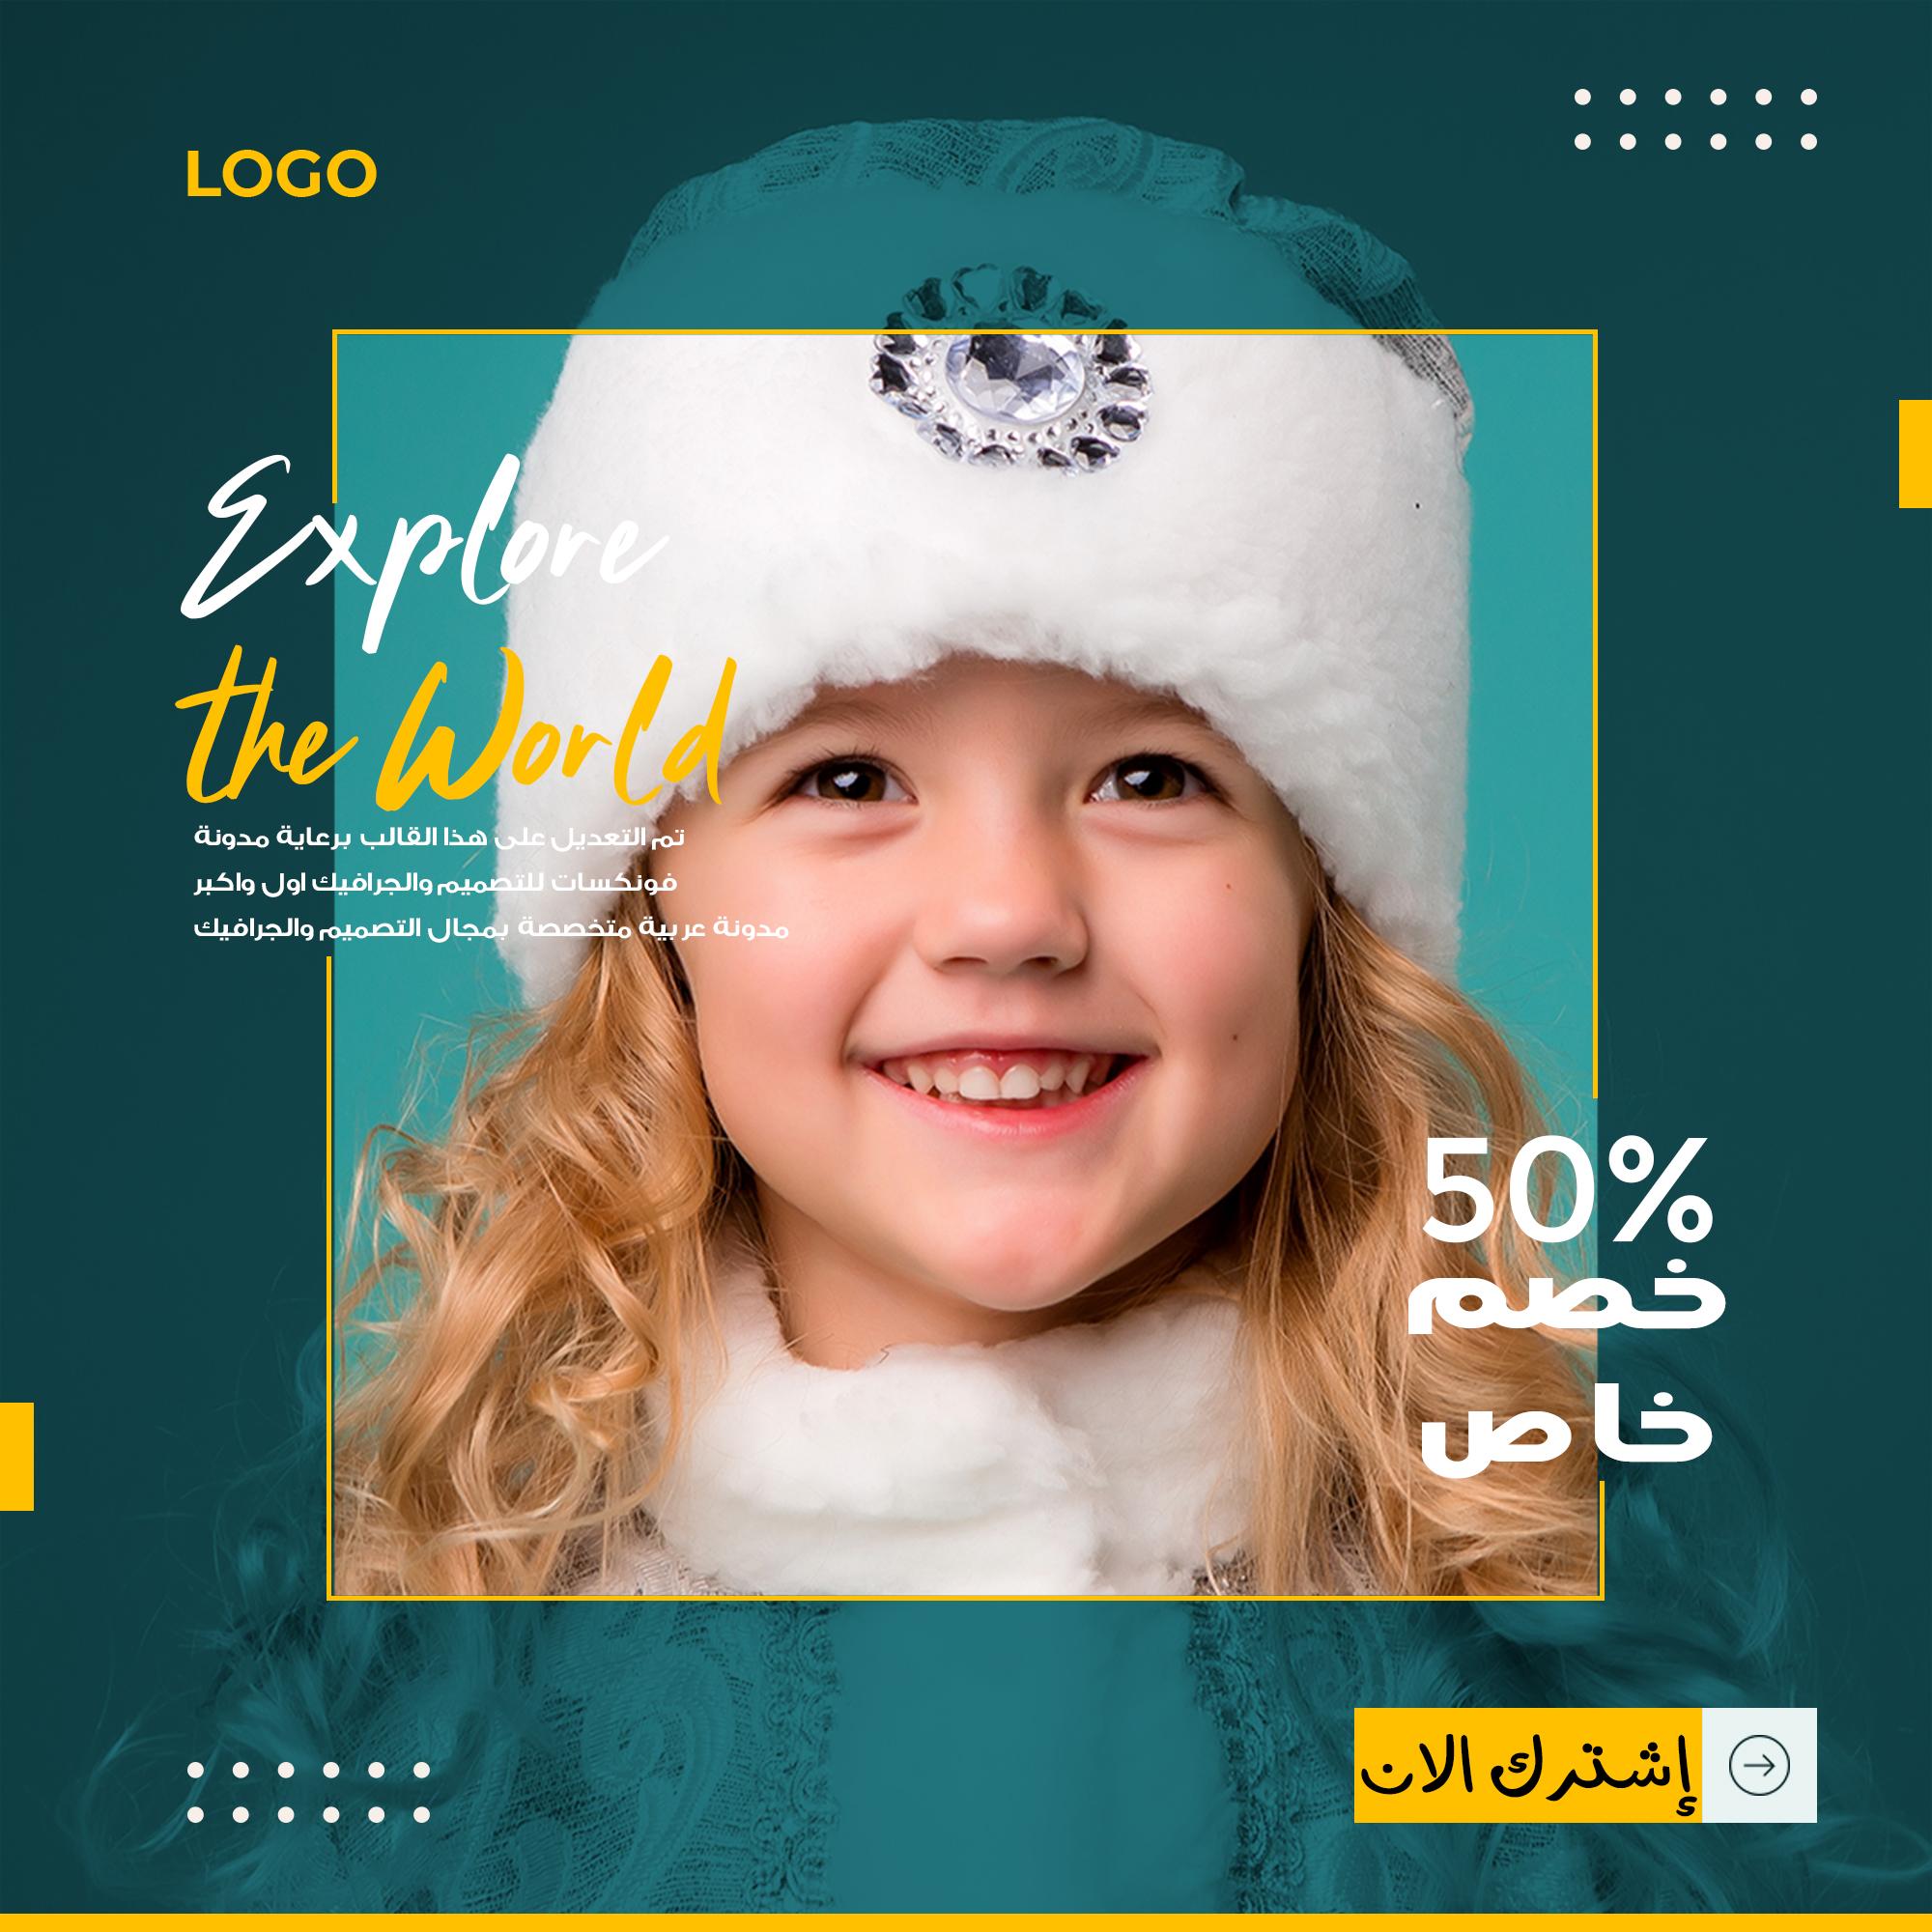 بنرات مفتوحة المصدر PSD خاص بمنتجات الاطفال